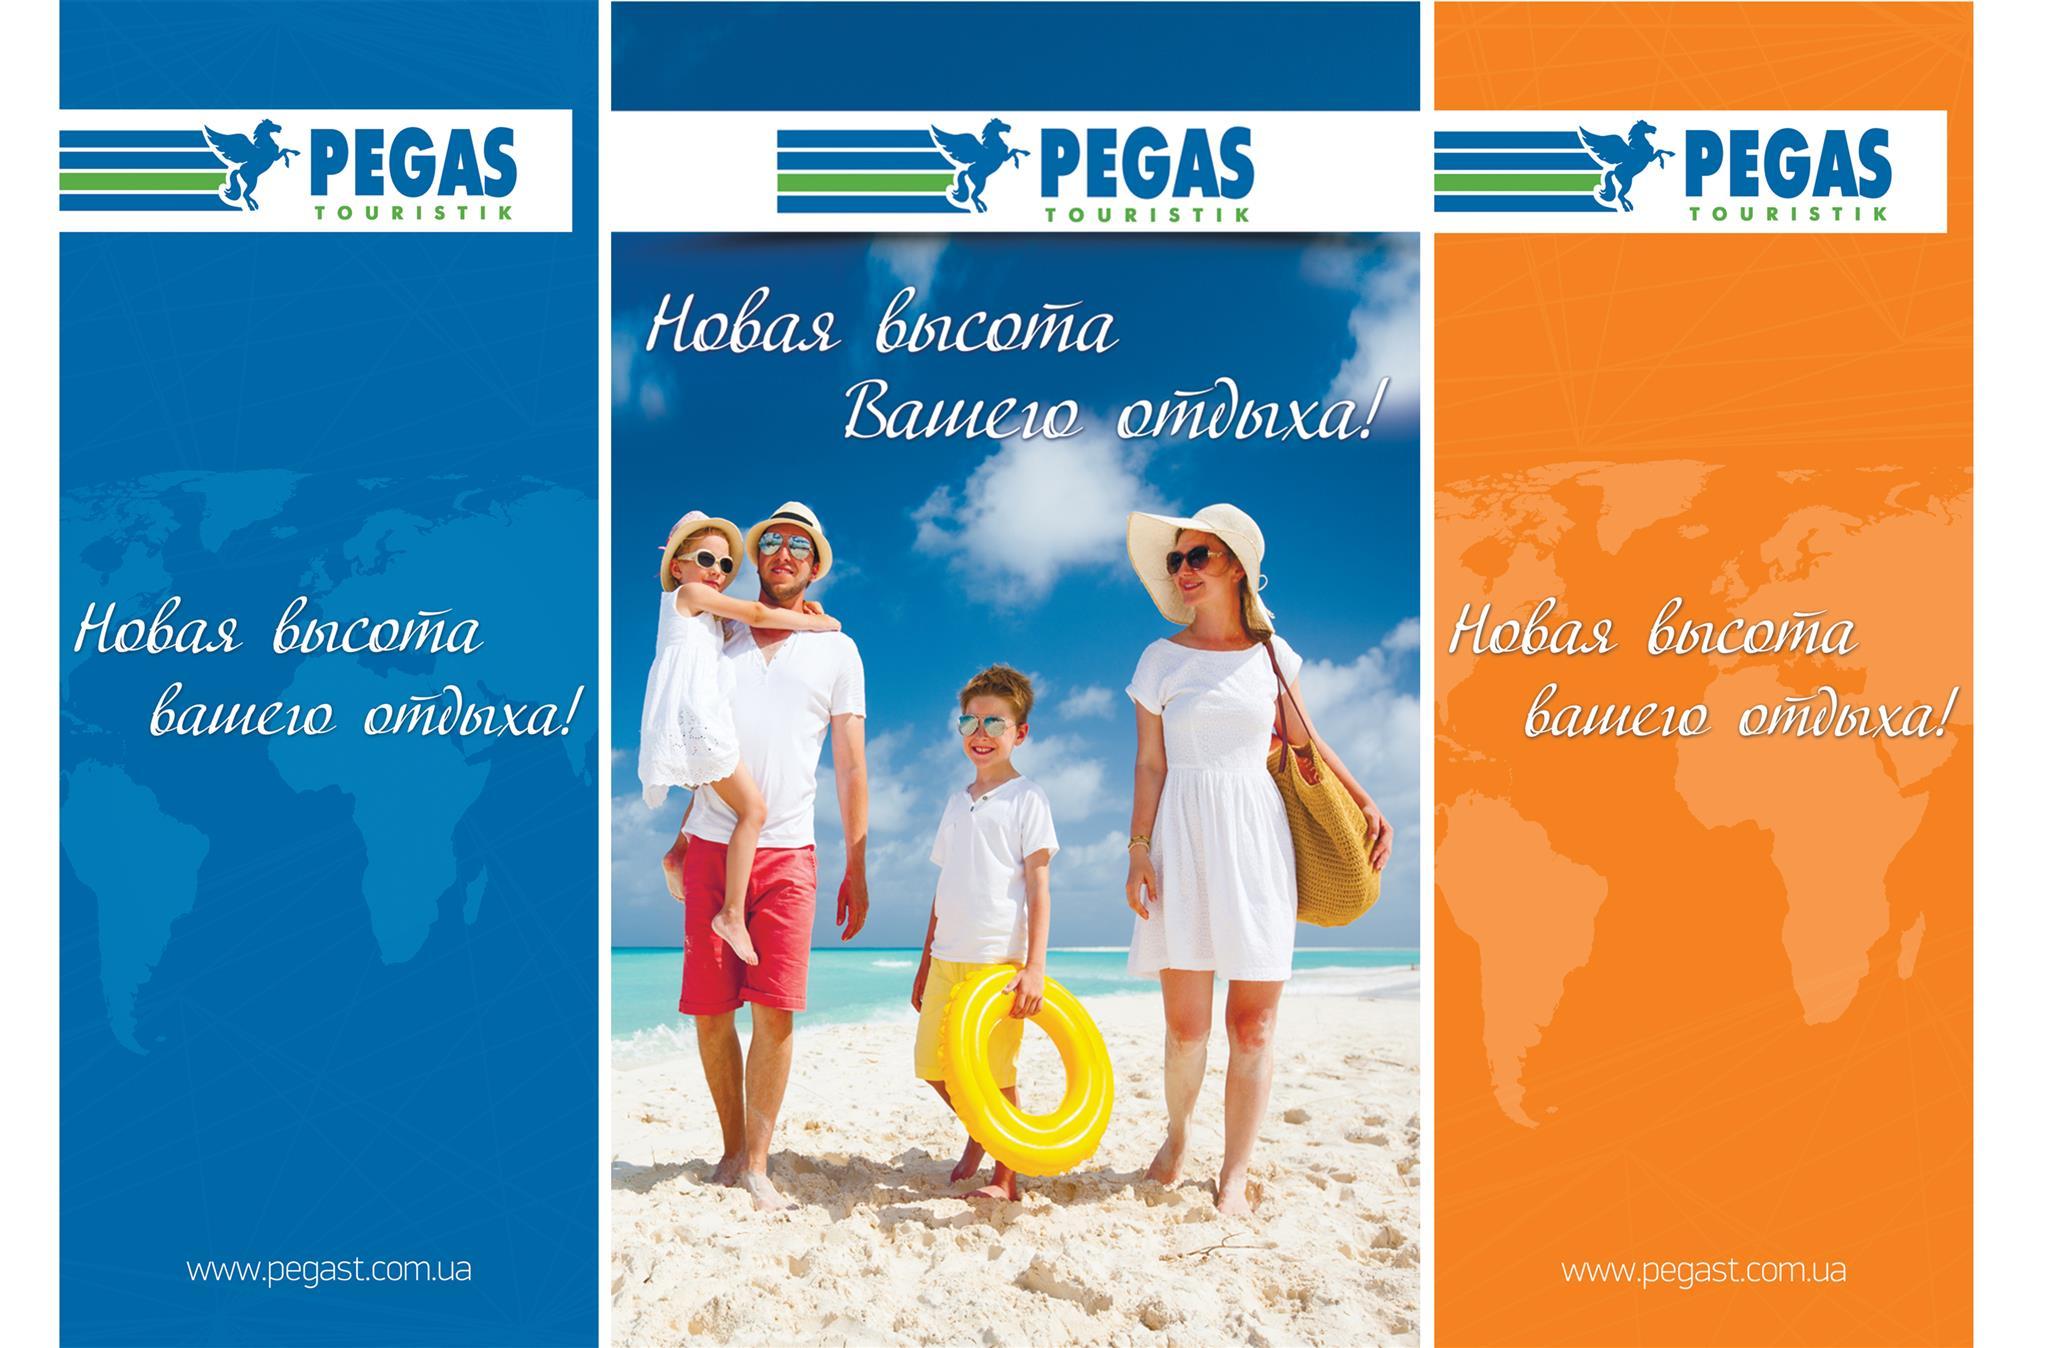 Разработка макетов мобильных cтендов Roll-Up для PEGAS Touristik-Новая высота Вашего отдых